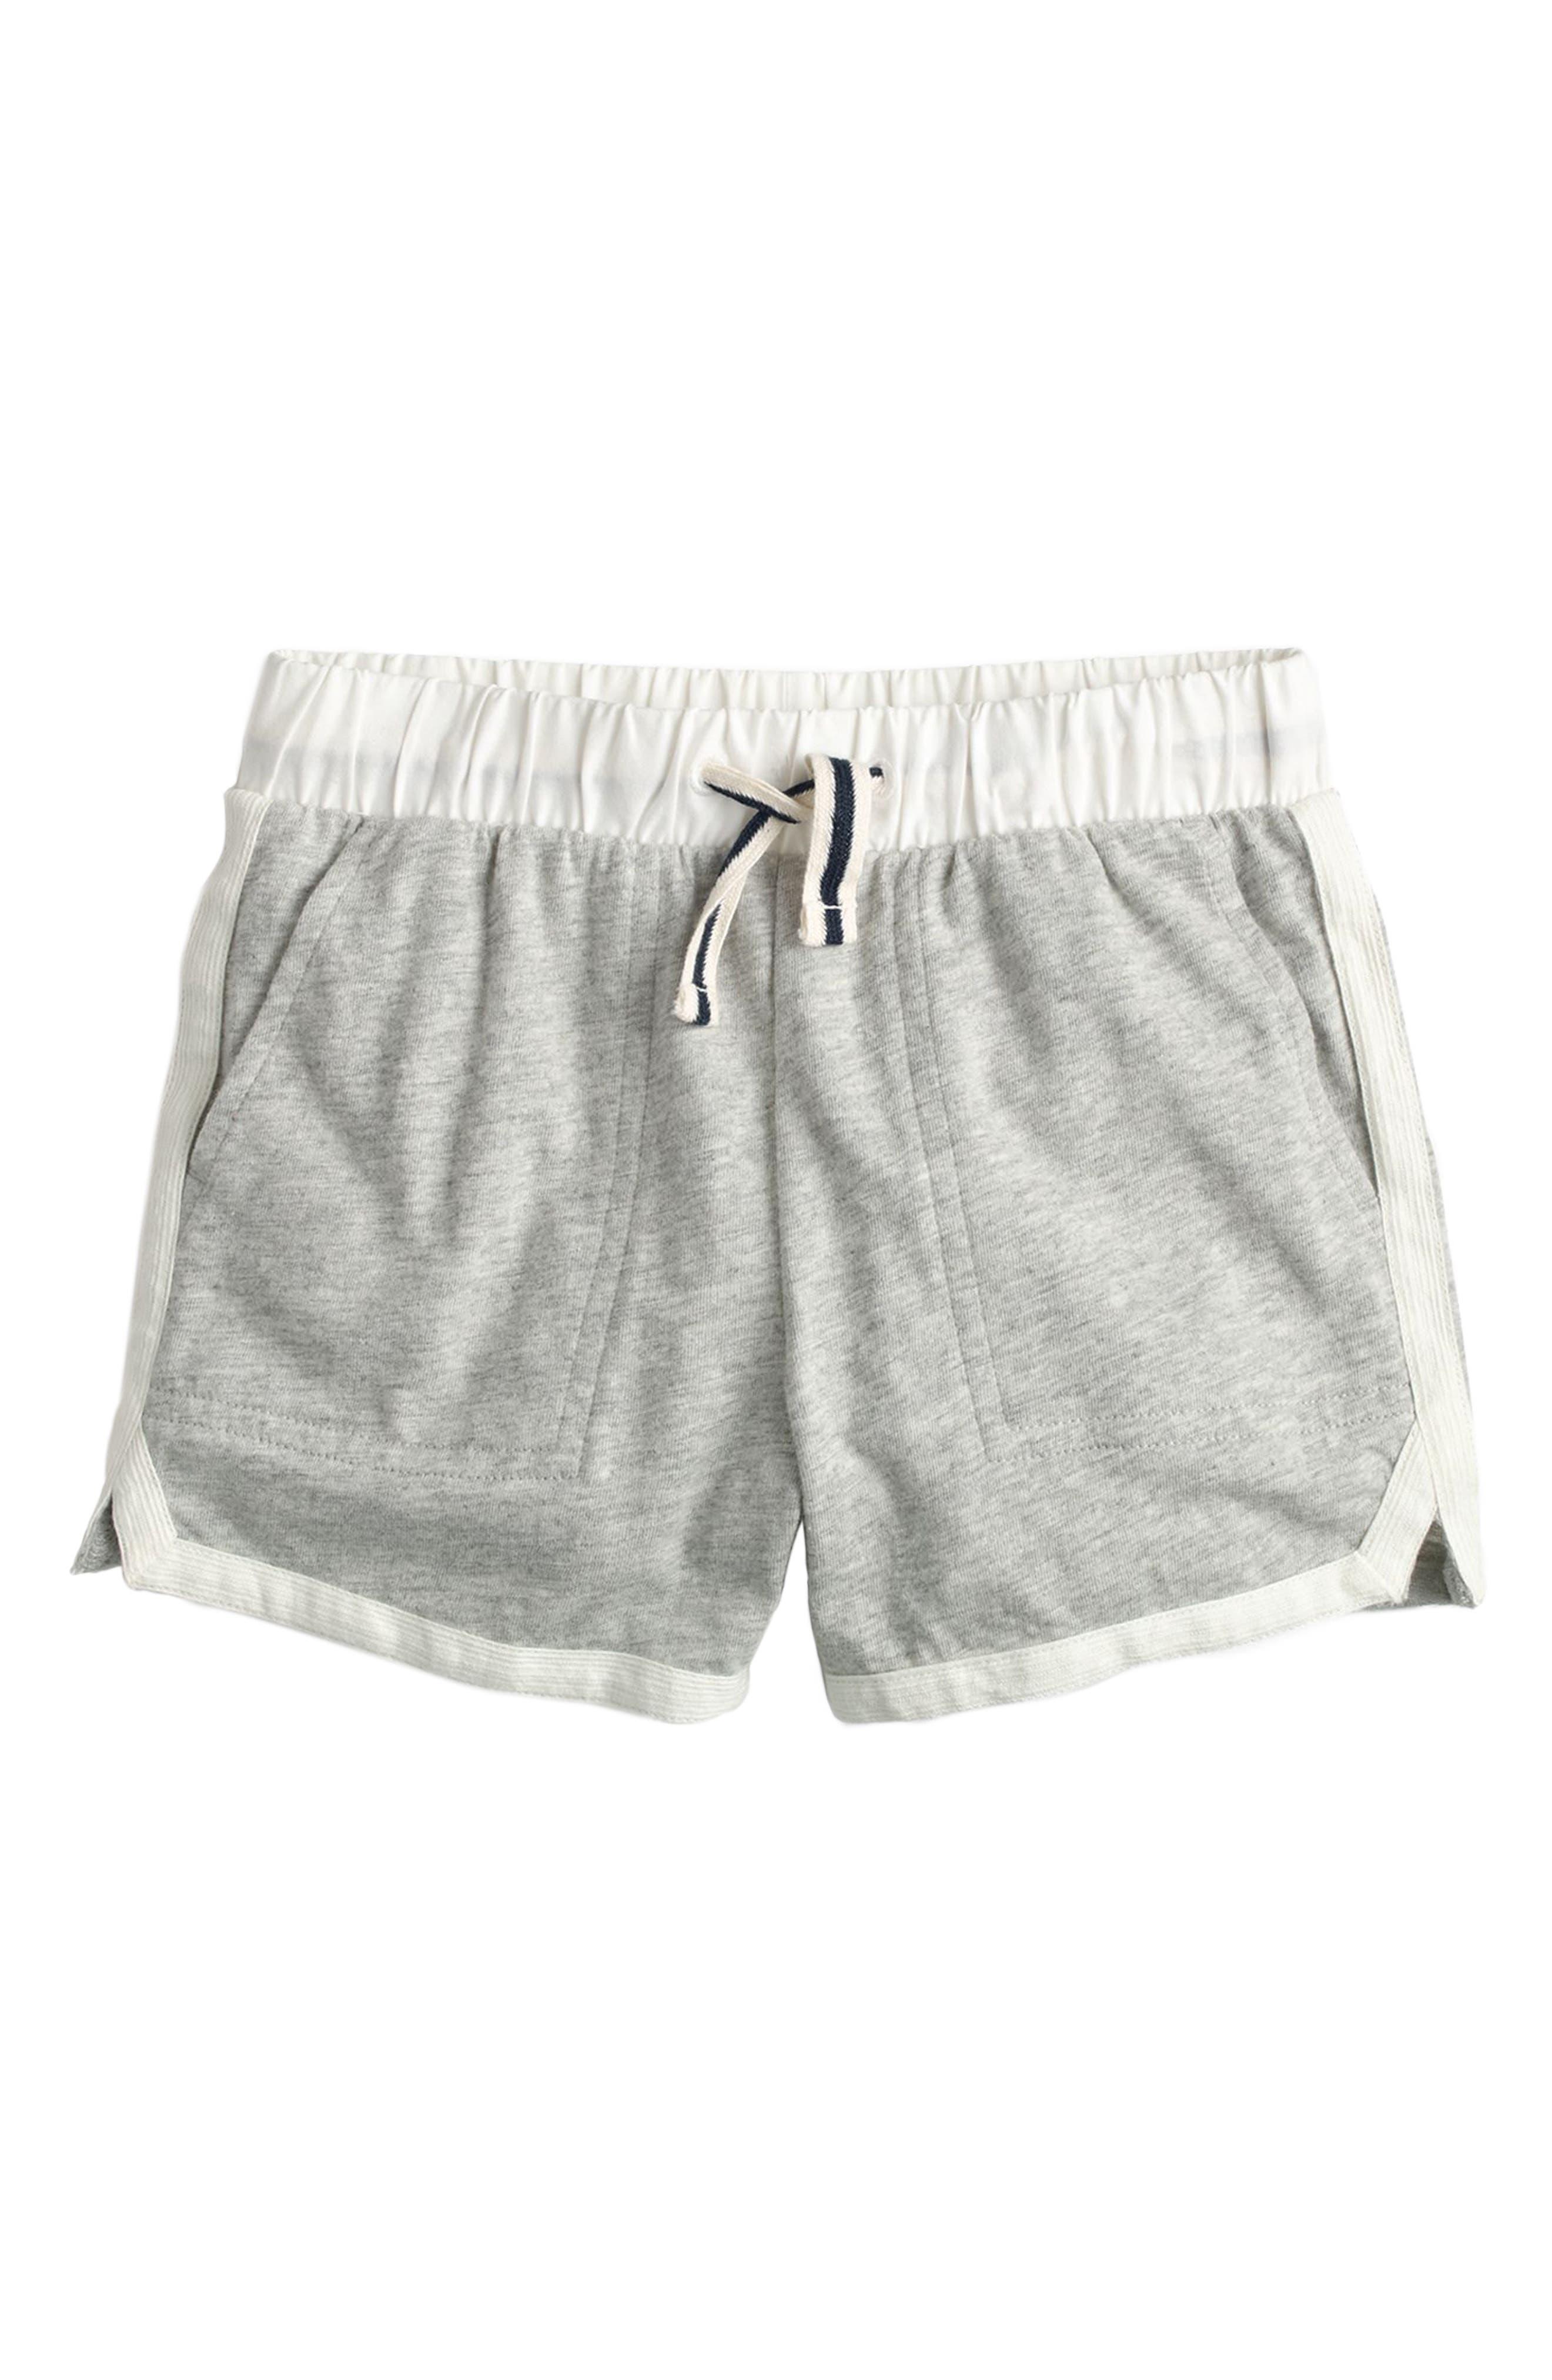 Ester Cotton Shorts,                             Main thumbnail 1, color,                             020